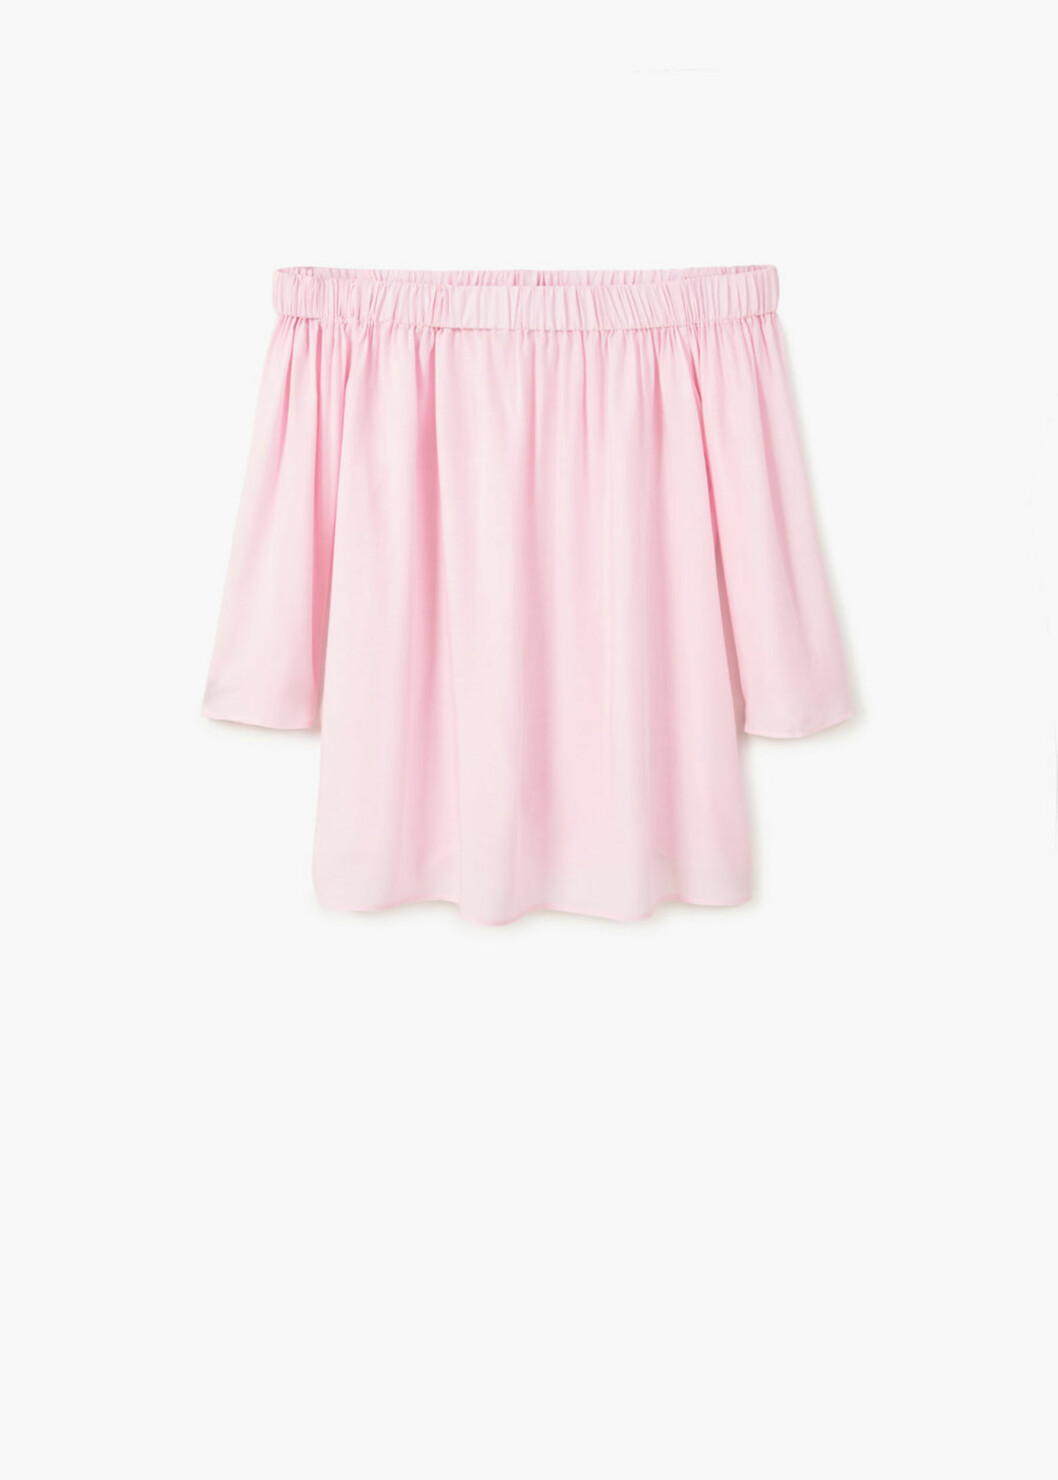 Bluse med bare skuldre fra Mango | kr 299 | http://shop.mango.com/NO/p1/damer/kl%C3%A6r/skjorter/bluser/bluse-med-bare-skuldre/?id=71053651_85&n=1&s=prendas.blusas&ts=1474462496104